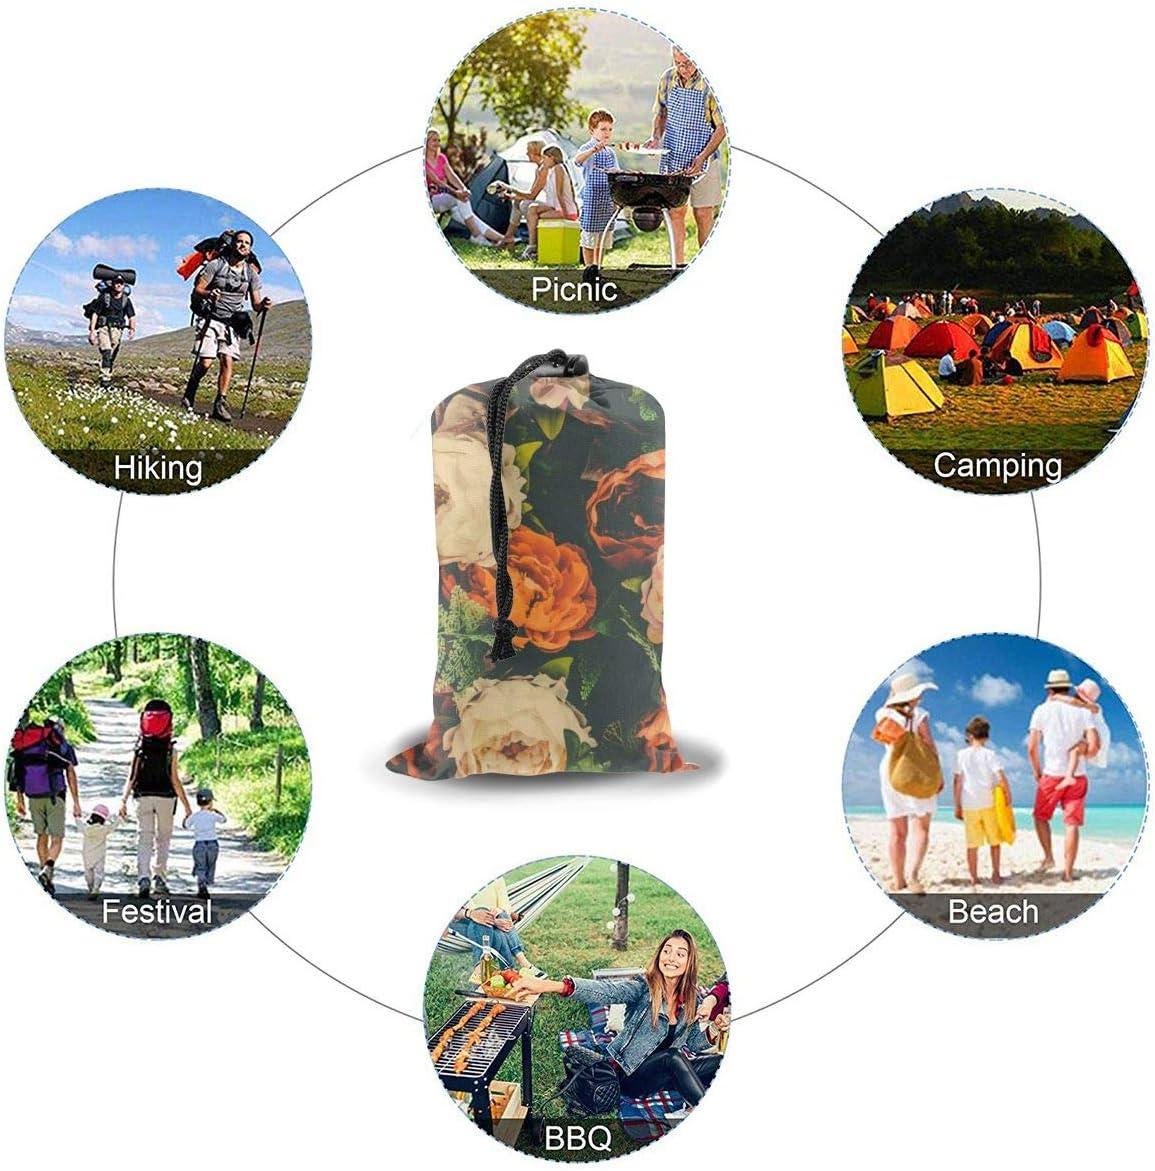 Tappetino da picnic in stile bohémien, stile tribale, da campeggio, portatile, impermeabile Bellissimo fiore vintage.